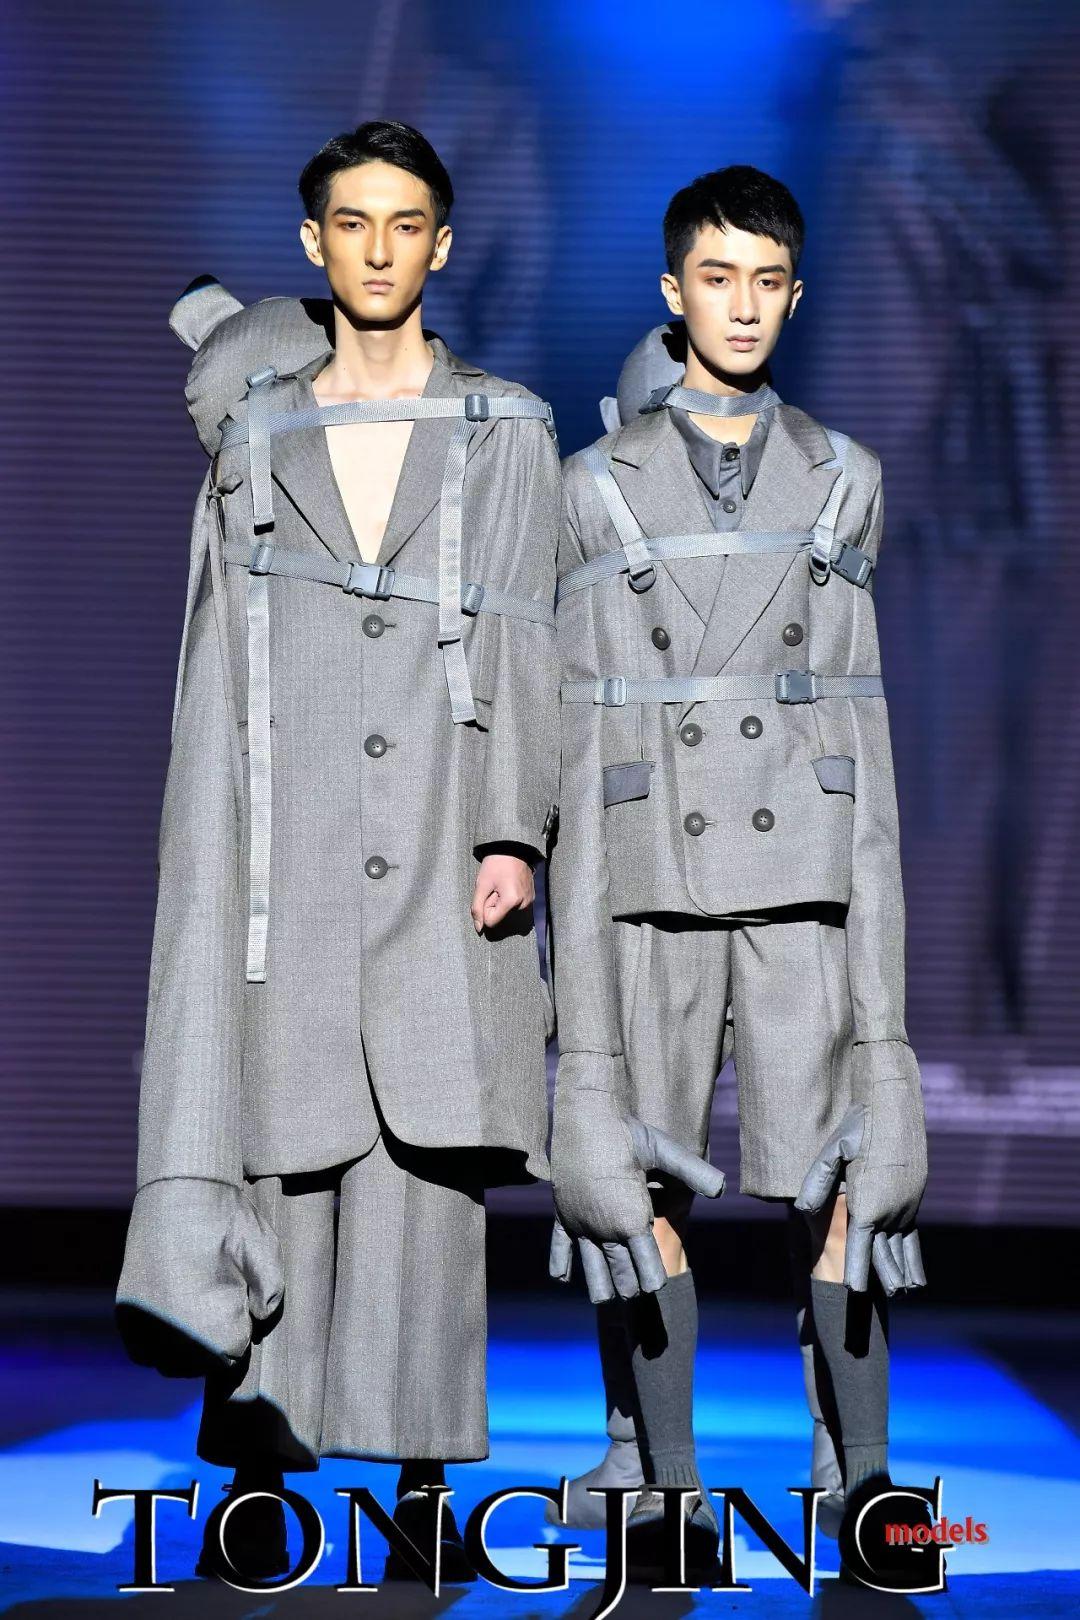 """彤景模特在广西艺术学院2018""""潮启""""服装与服饰设计系毕业设计展图片"""